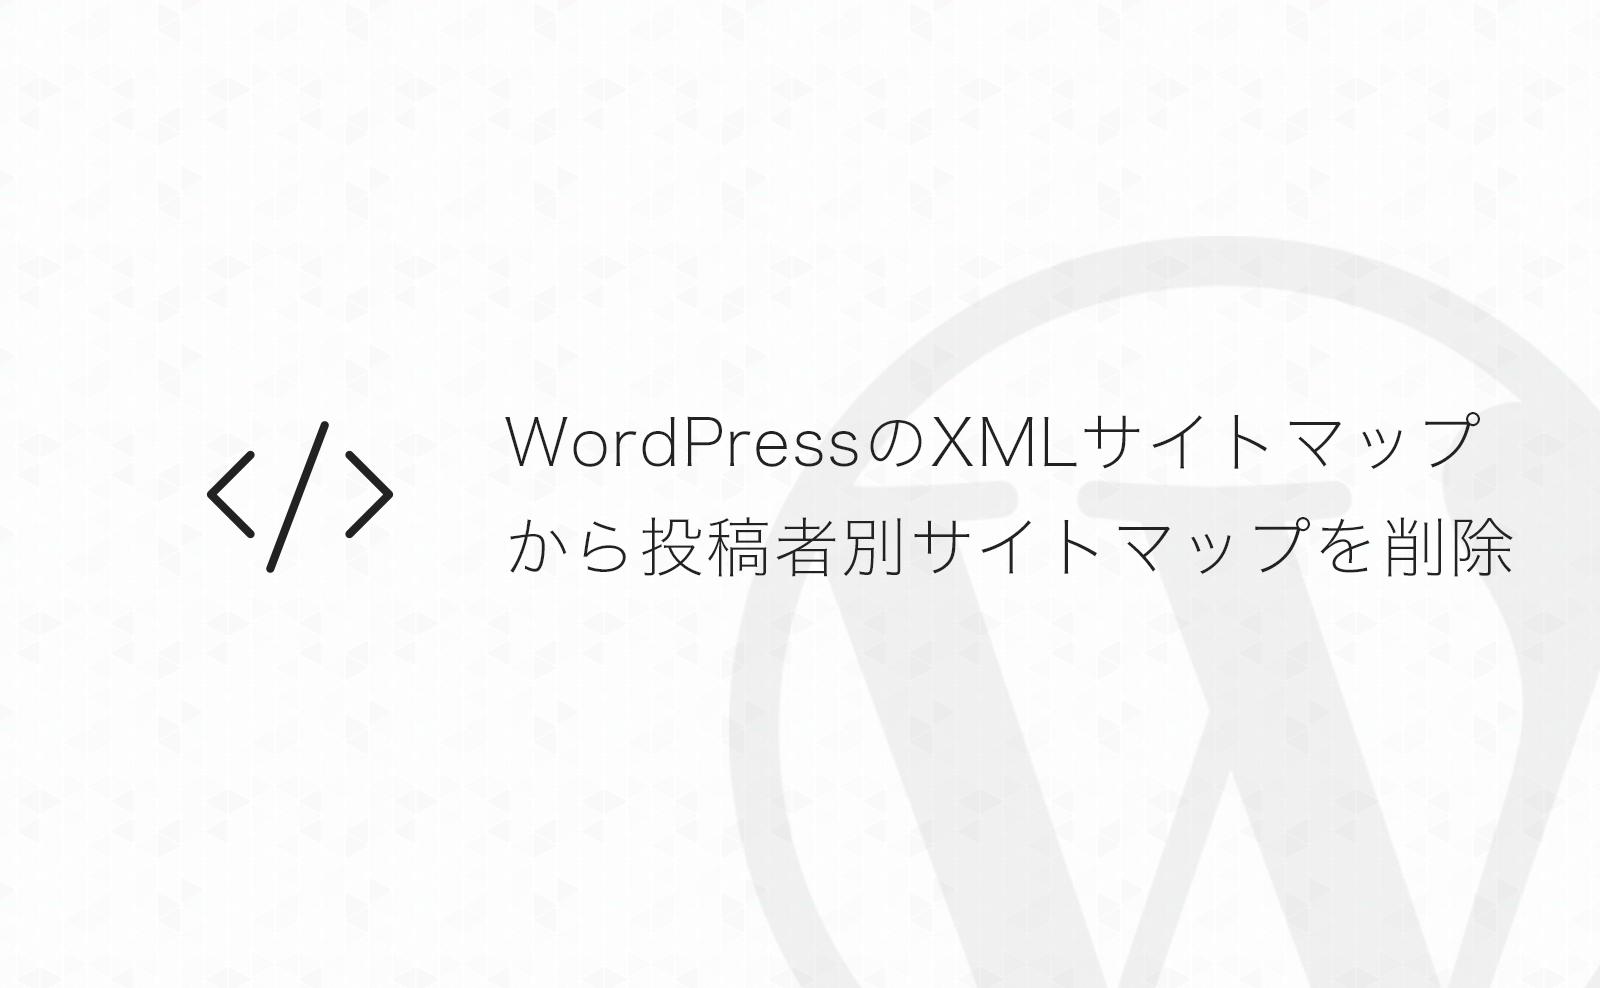 【WordPress】XMLサイトマップ生成機能で投稿者別サイトマップを削除する方法